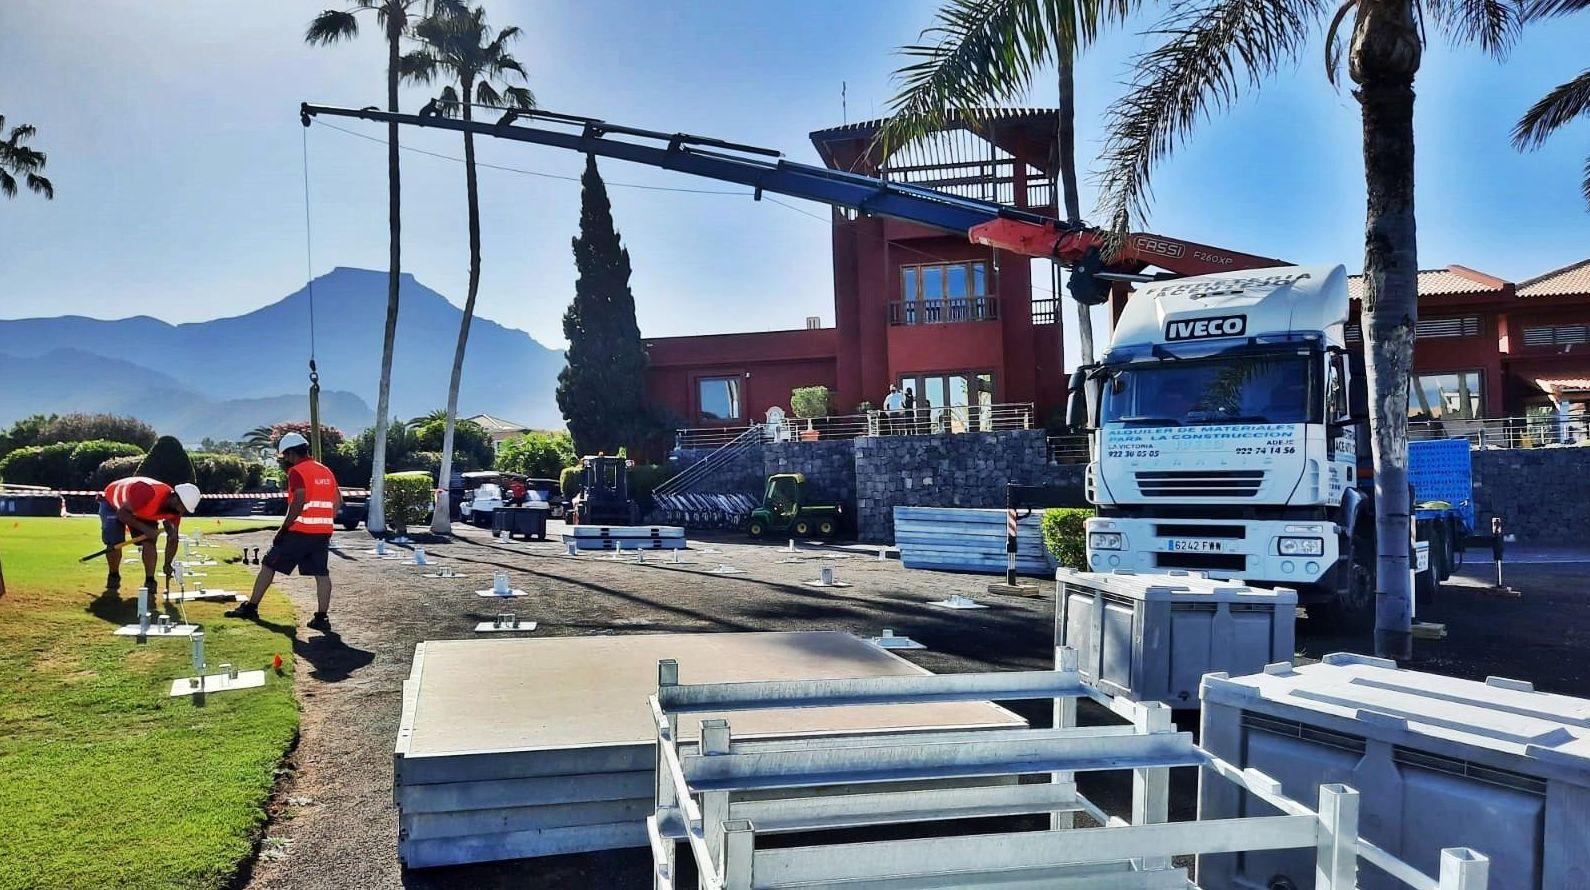 Trabajos con camión grúa. Tenerife.